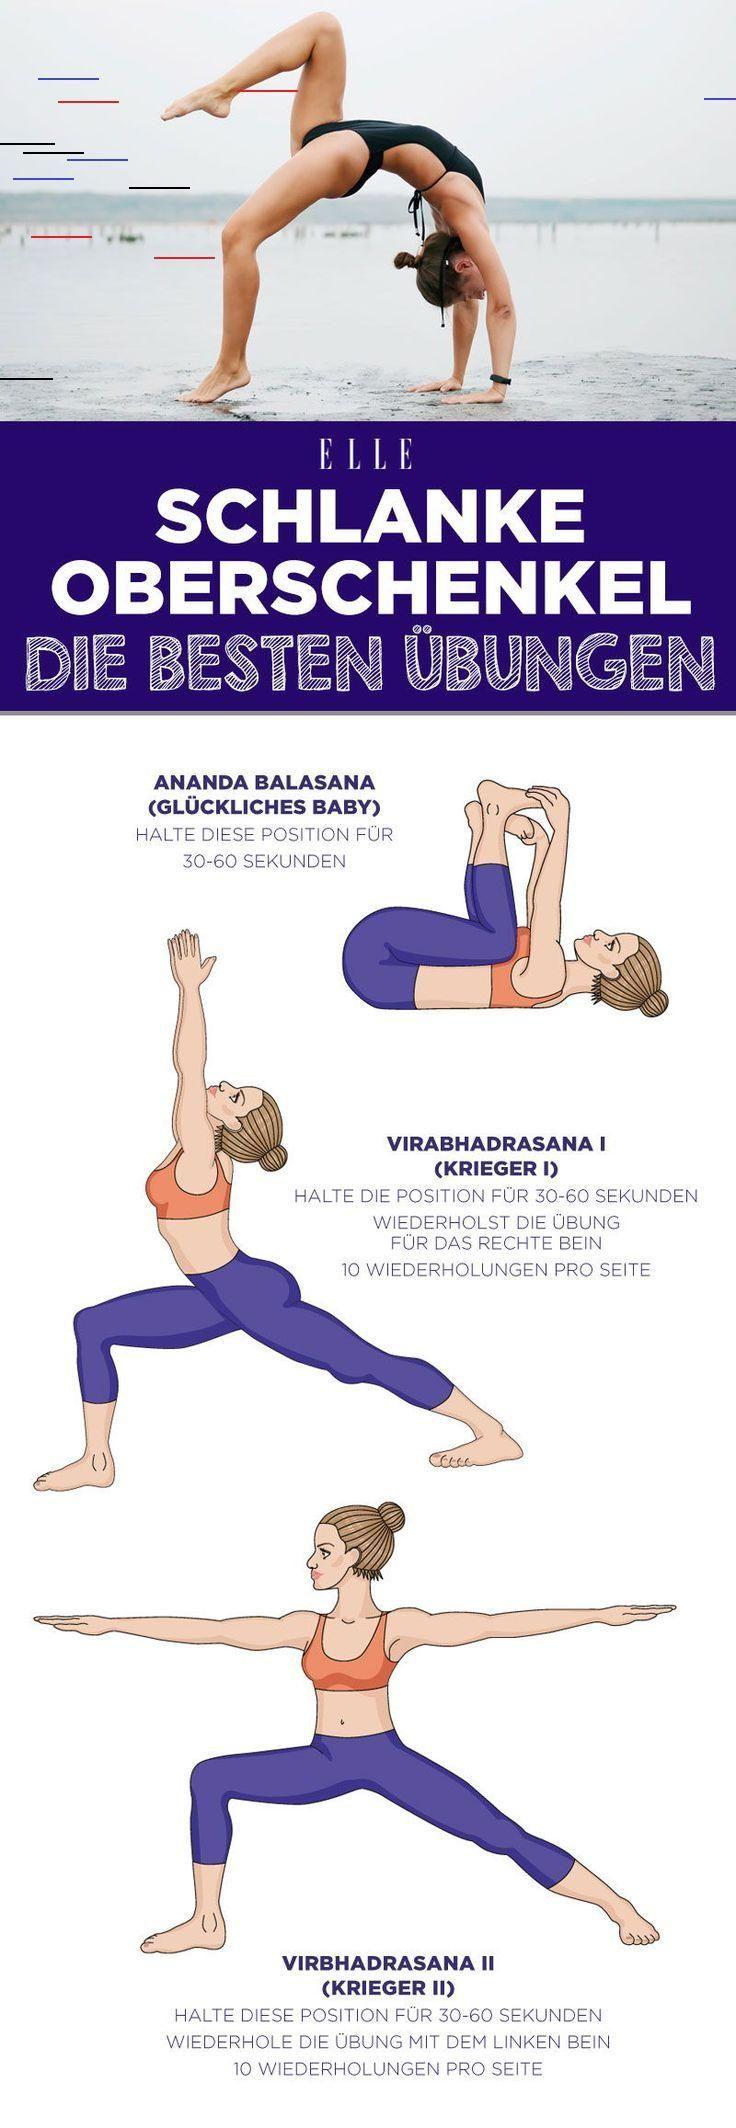 Schlanke Oberschenkel: 3 einfache Yoga-Übungen, die sofort helfen #Die #Einfache #Fitness Training w...